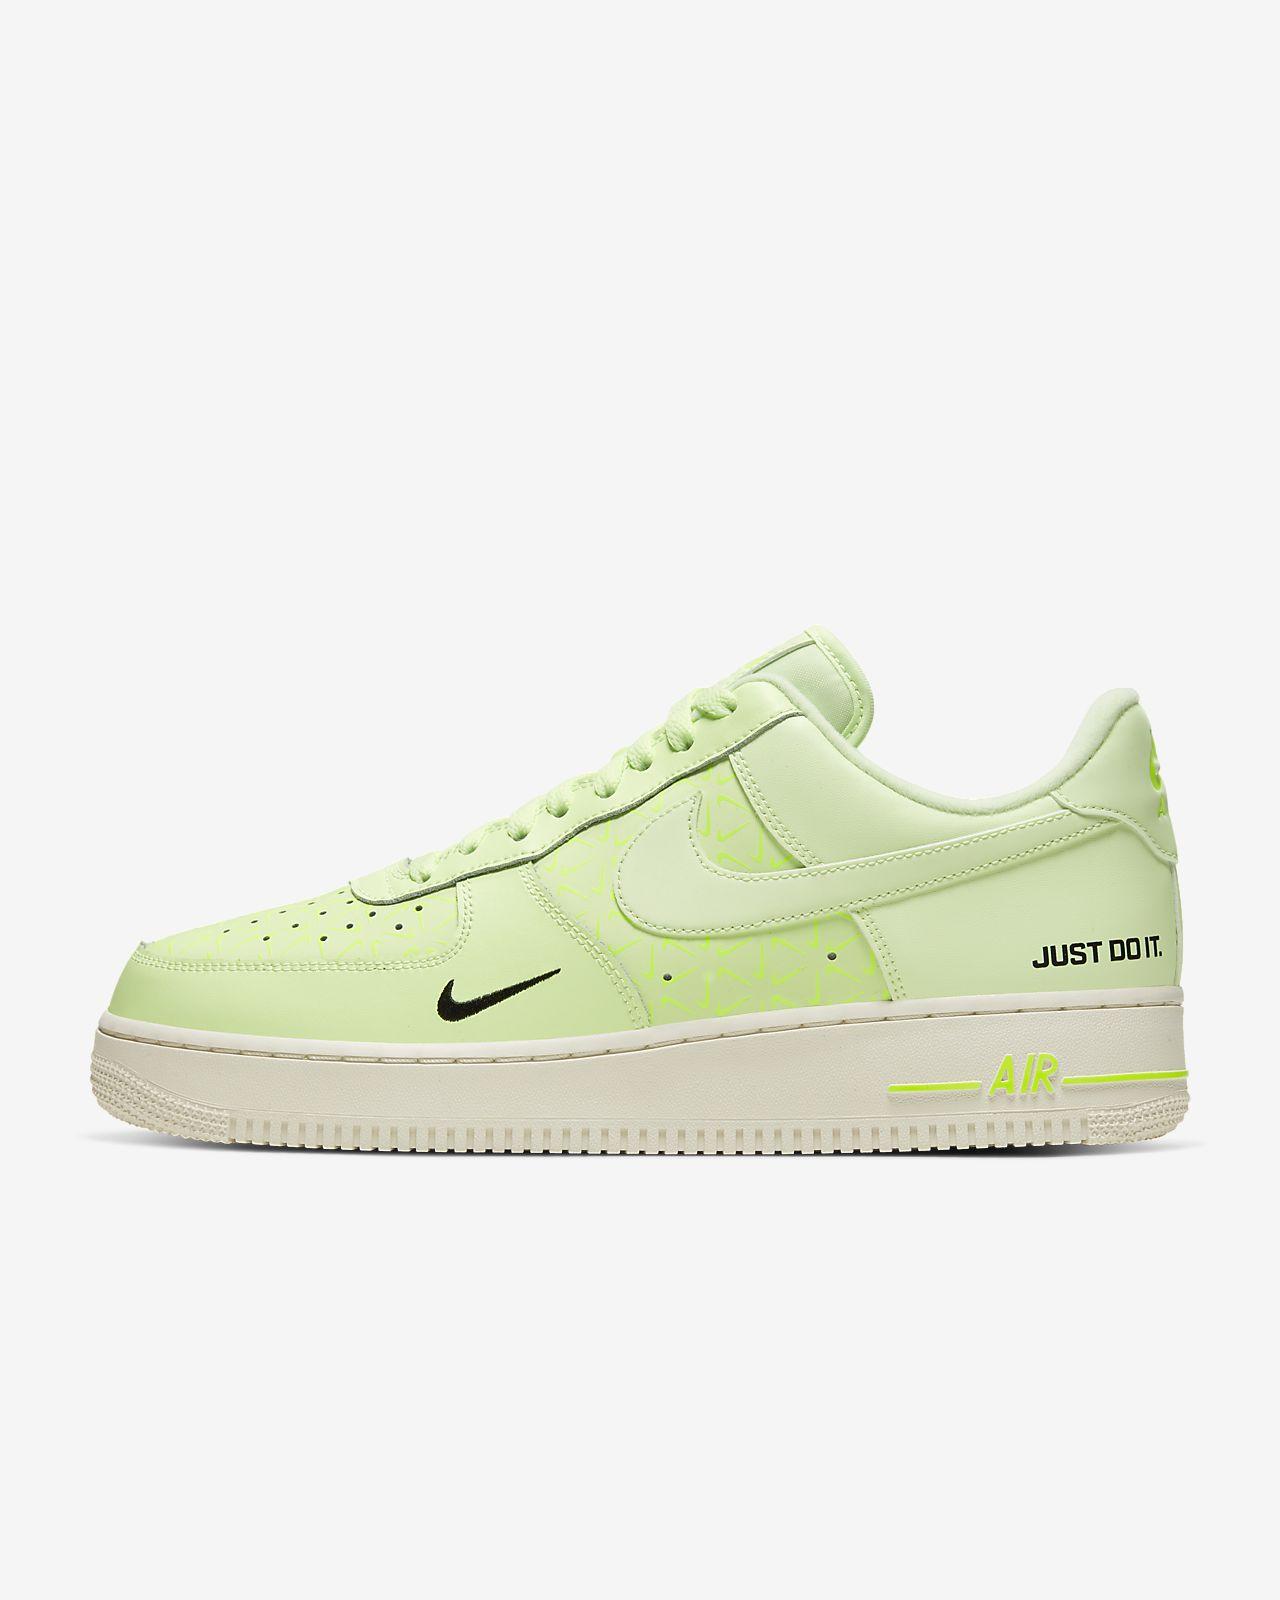 Pánská bota Nike Air Force 1 LV8